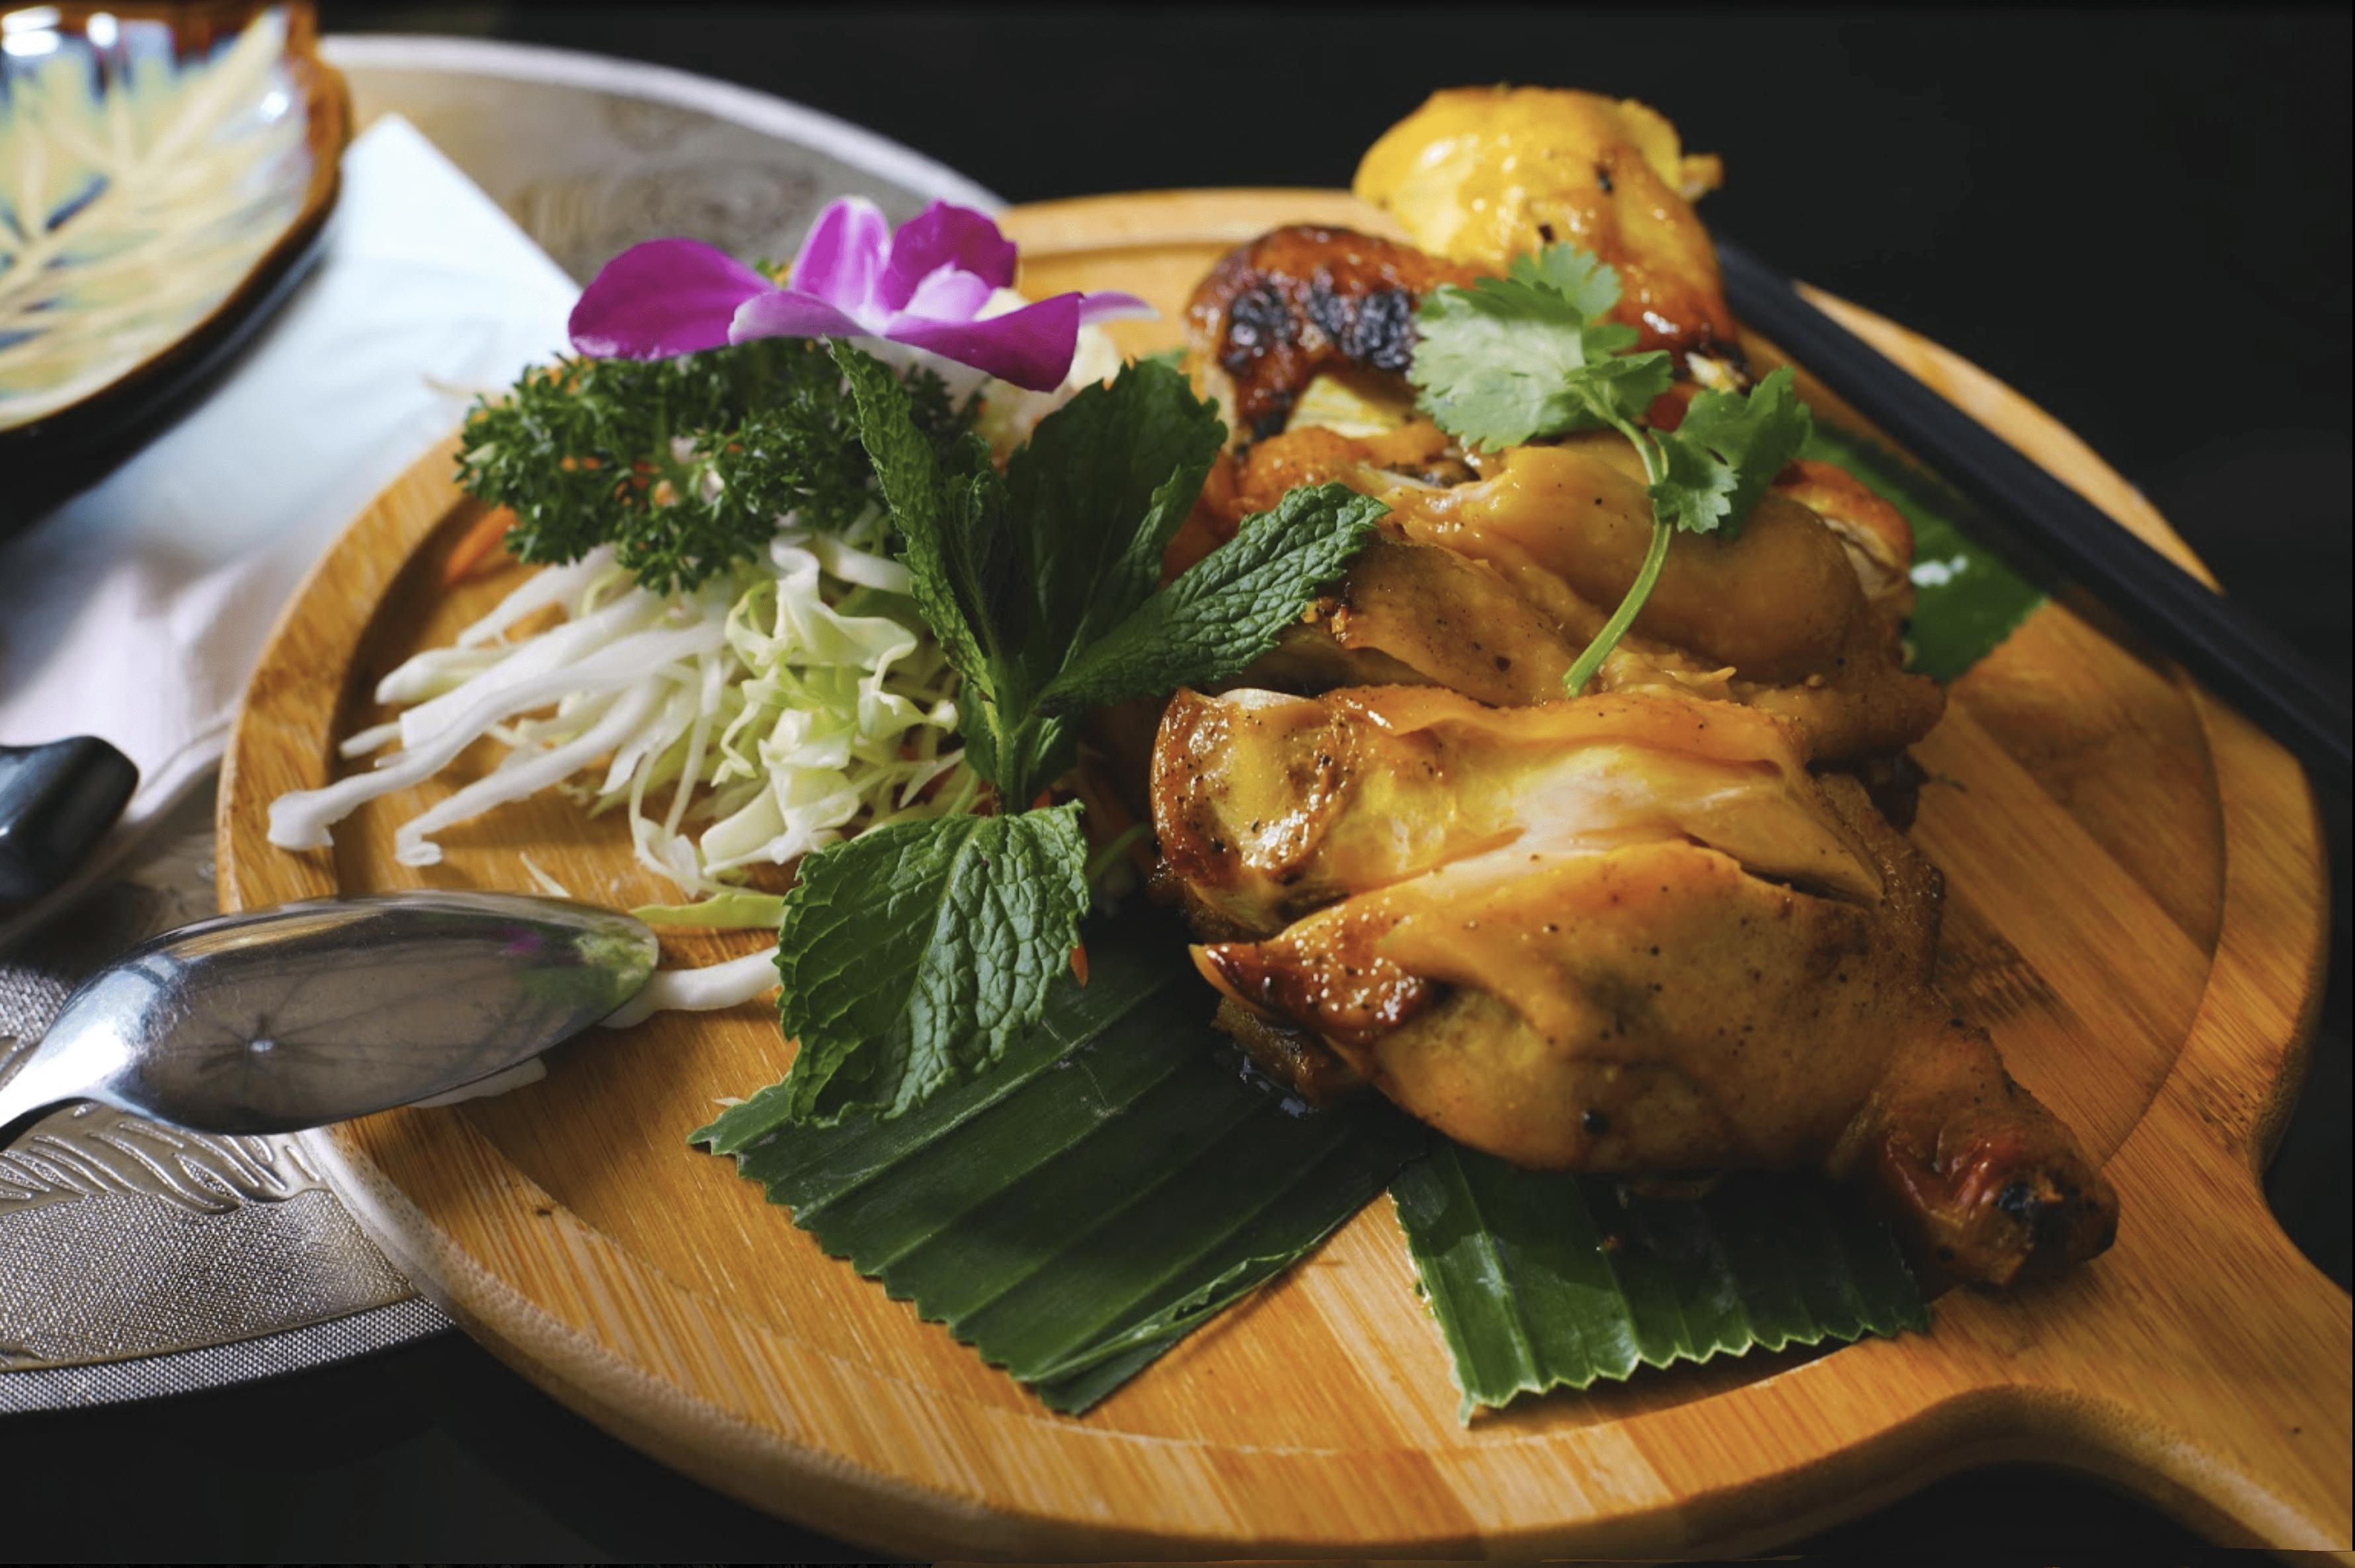 西貢美食/泰式燒雞/雞皮燒得香脆可口,甜甜地,較油膩,雞肉嫰滑,沾上泰式酸辣醬更滋味~(網上圖片)/泰道 Thai Dao/